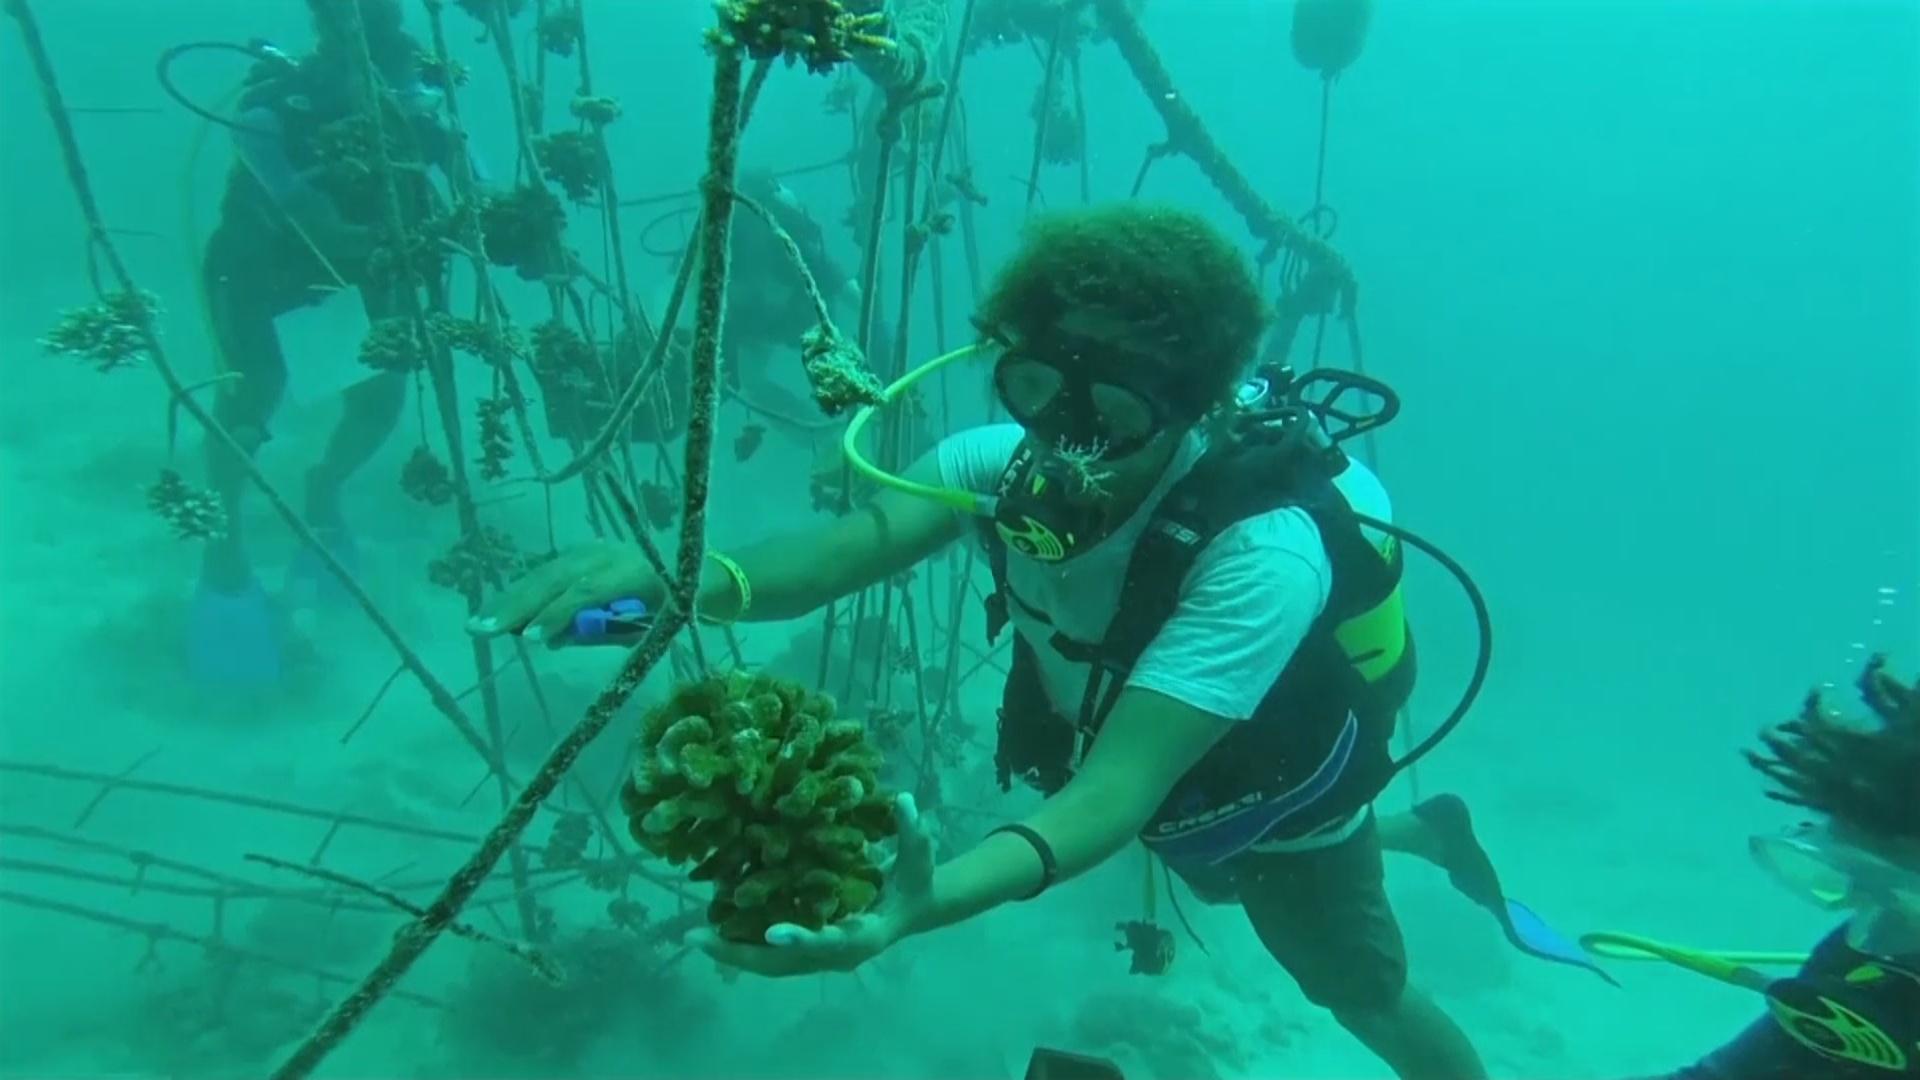 Коралловые фермы на берегу помогают спасти рифы на дне океана